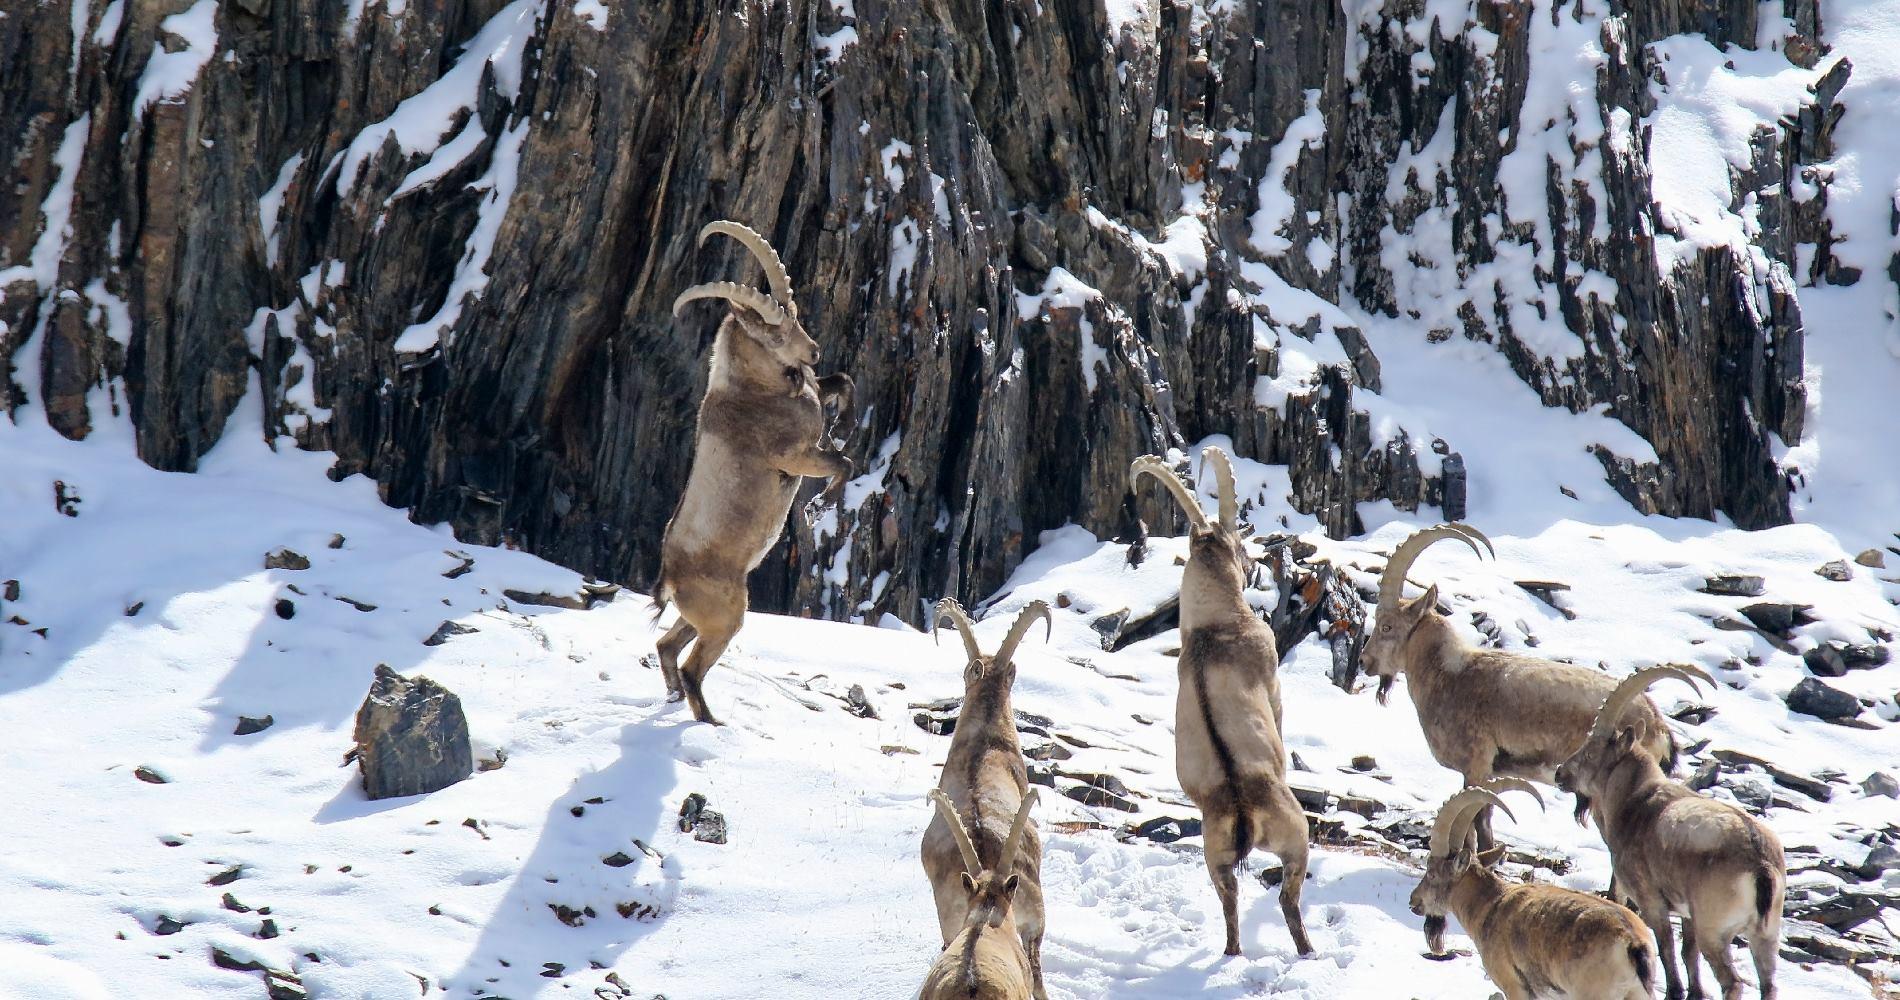 کوہ ہندوکش کی یخ بستہ ہوائیں اور جنگلی حیات